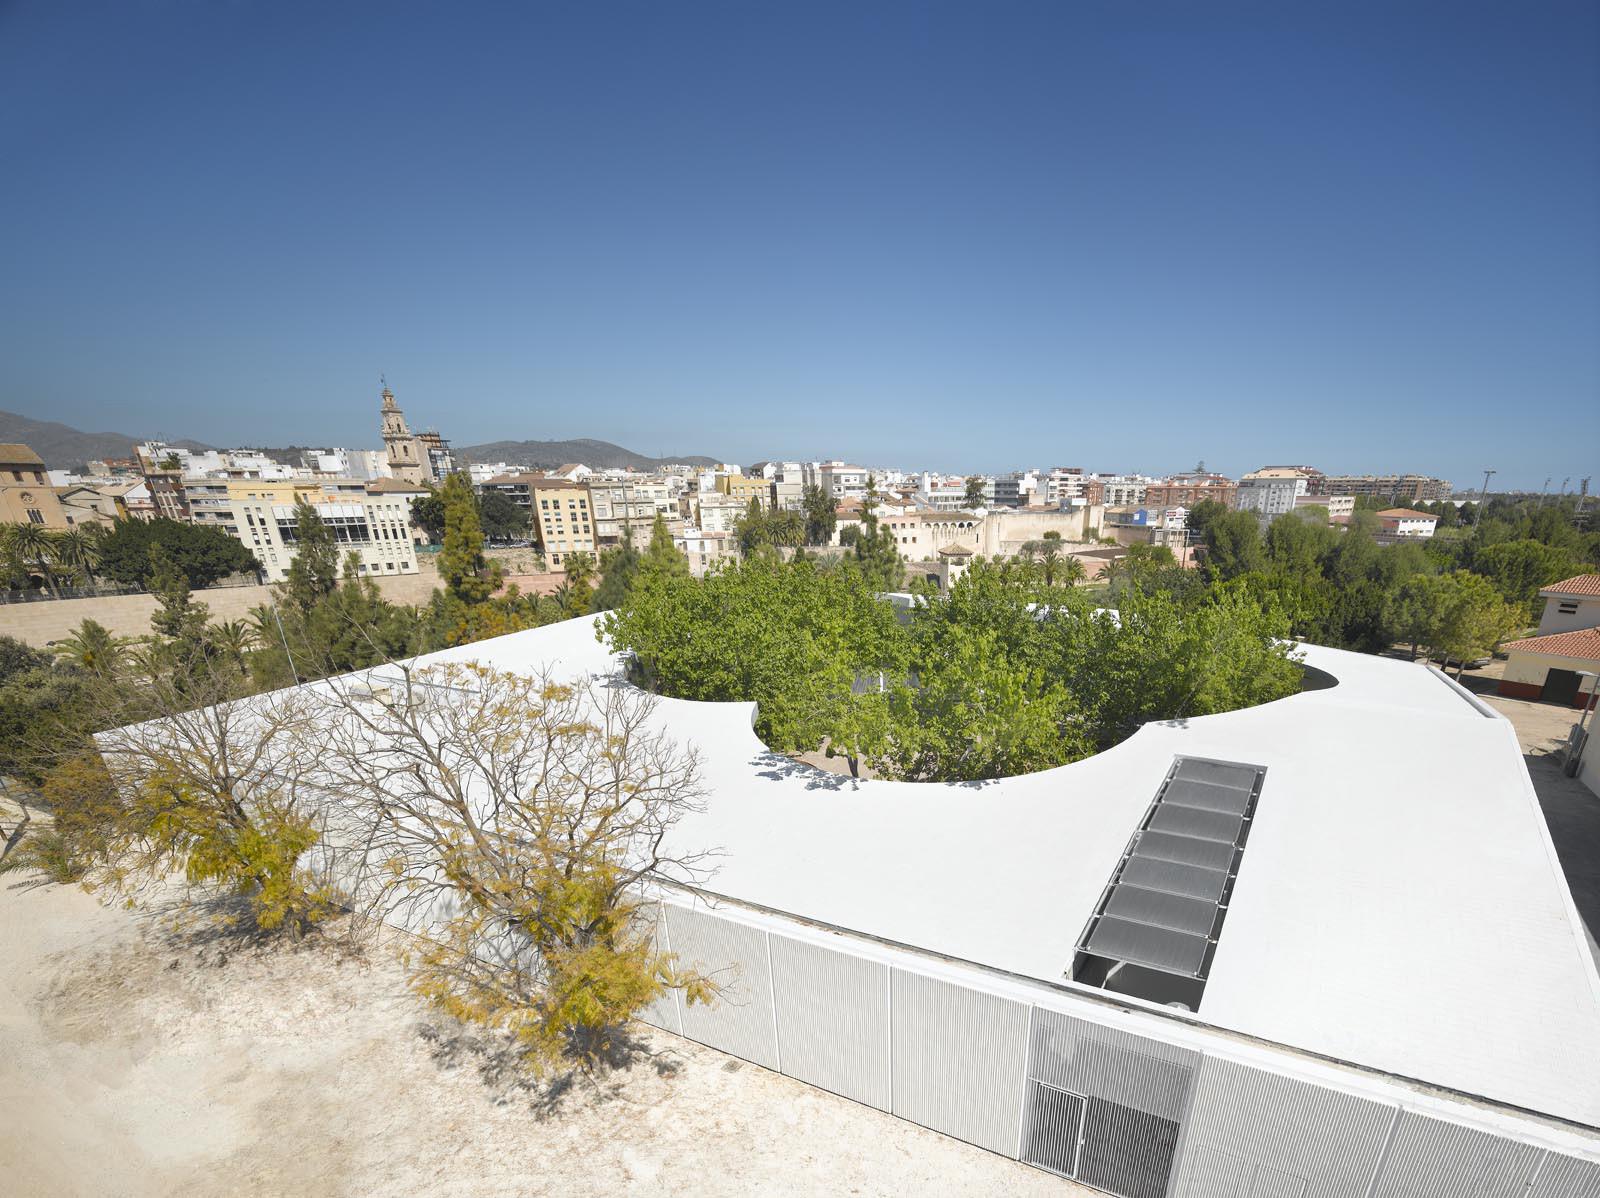 Paredes Pedrosa Arquitectos, Medalla de Oro al Mérito a las Bellas Artes 2014, Universidad Popular Infantil. Gandía, España. Image © Roland Halbe